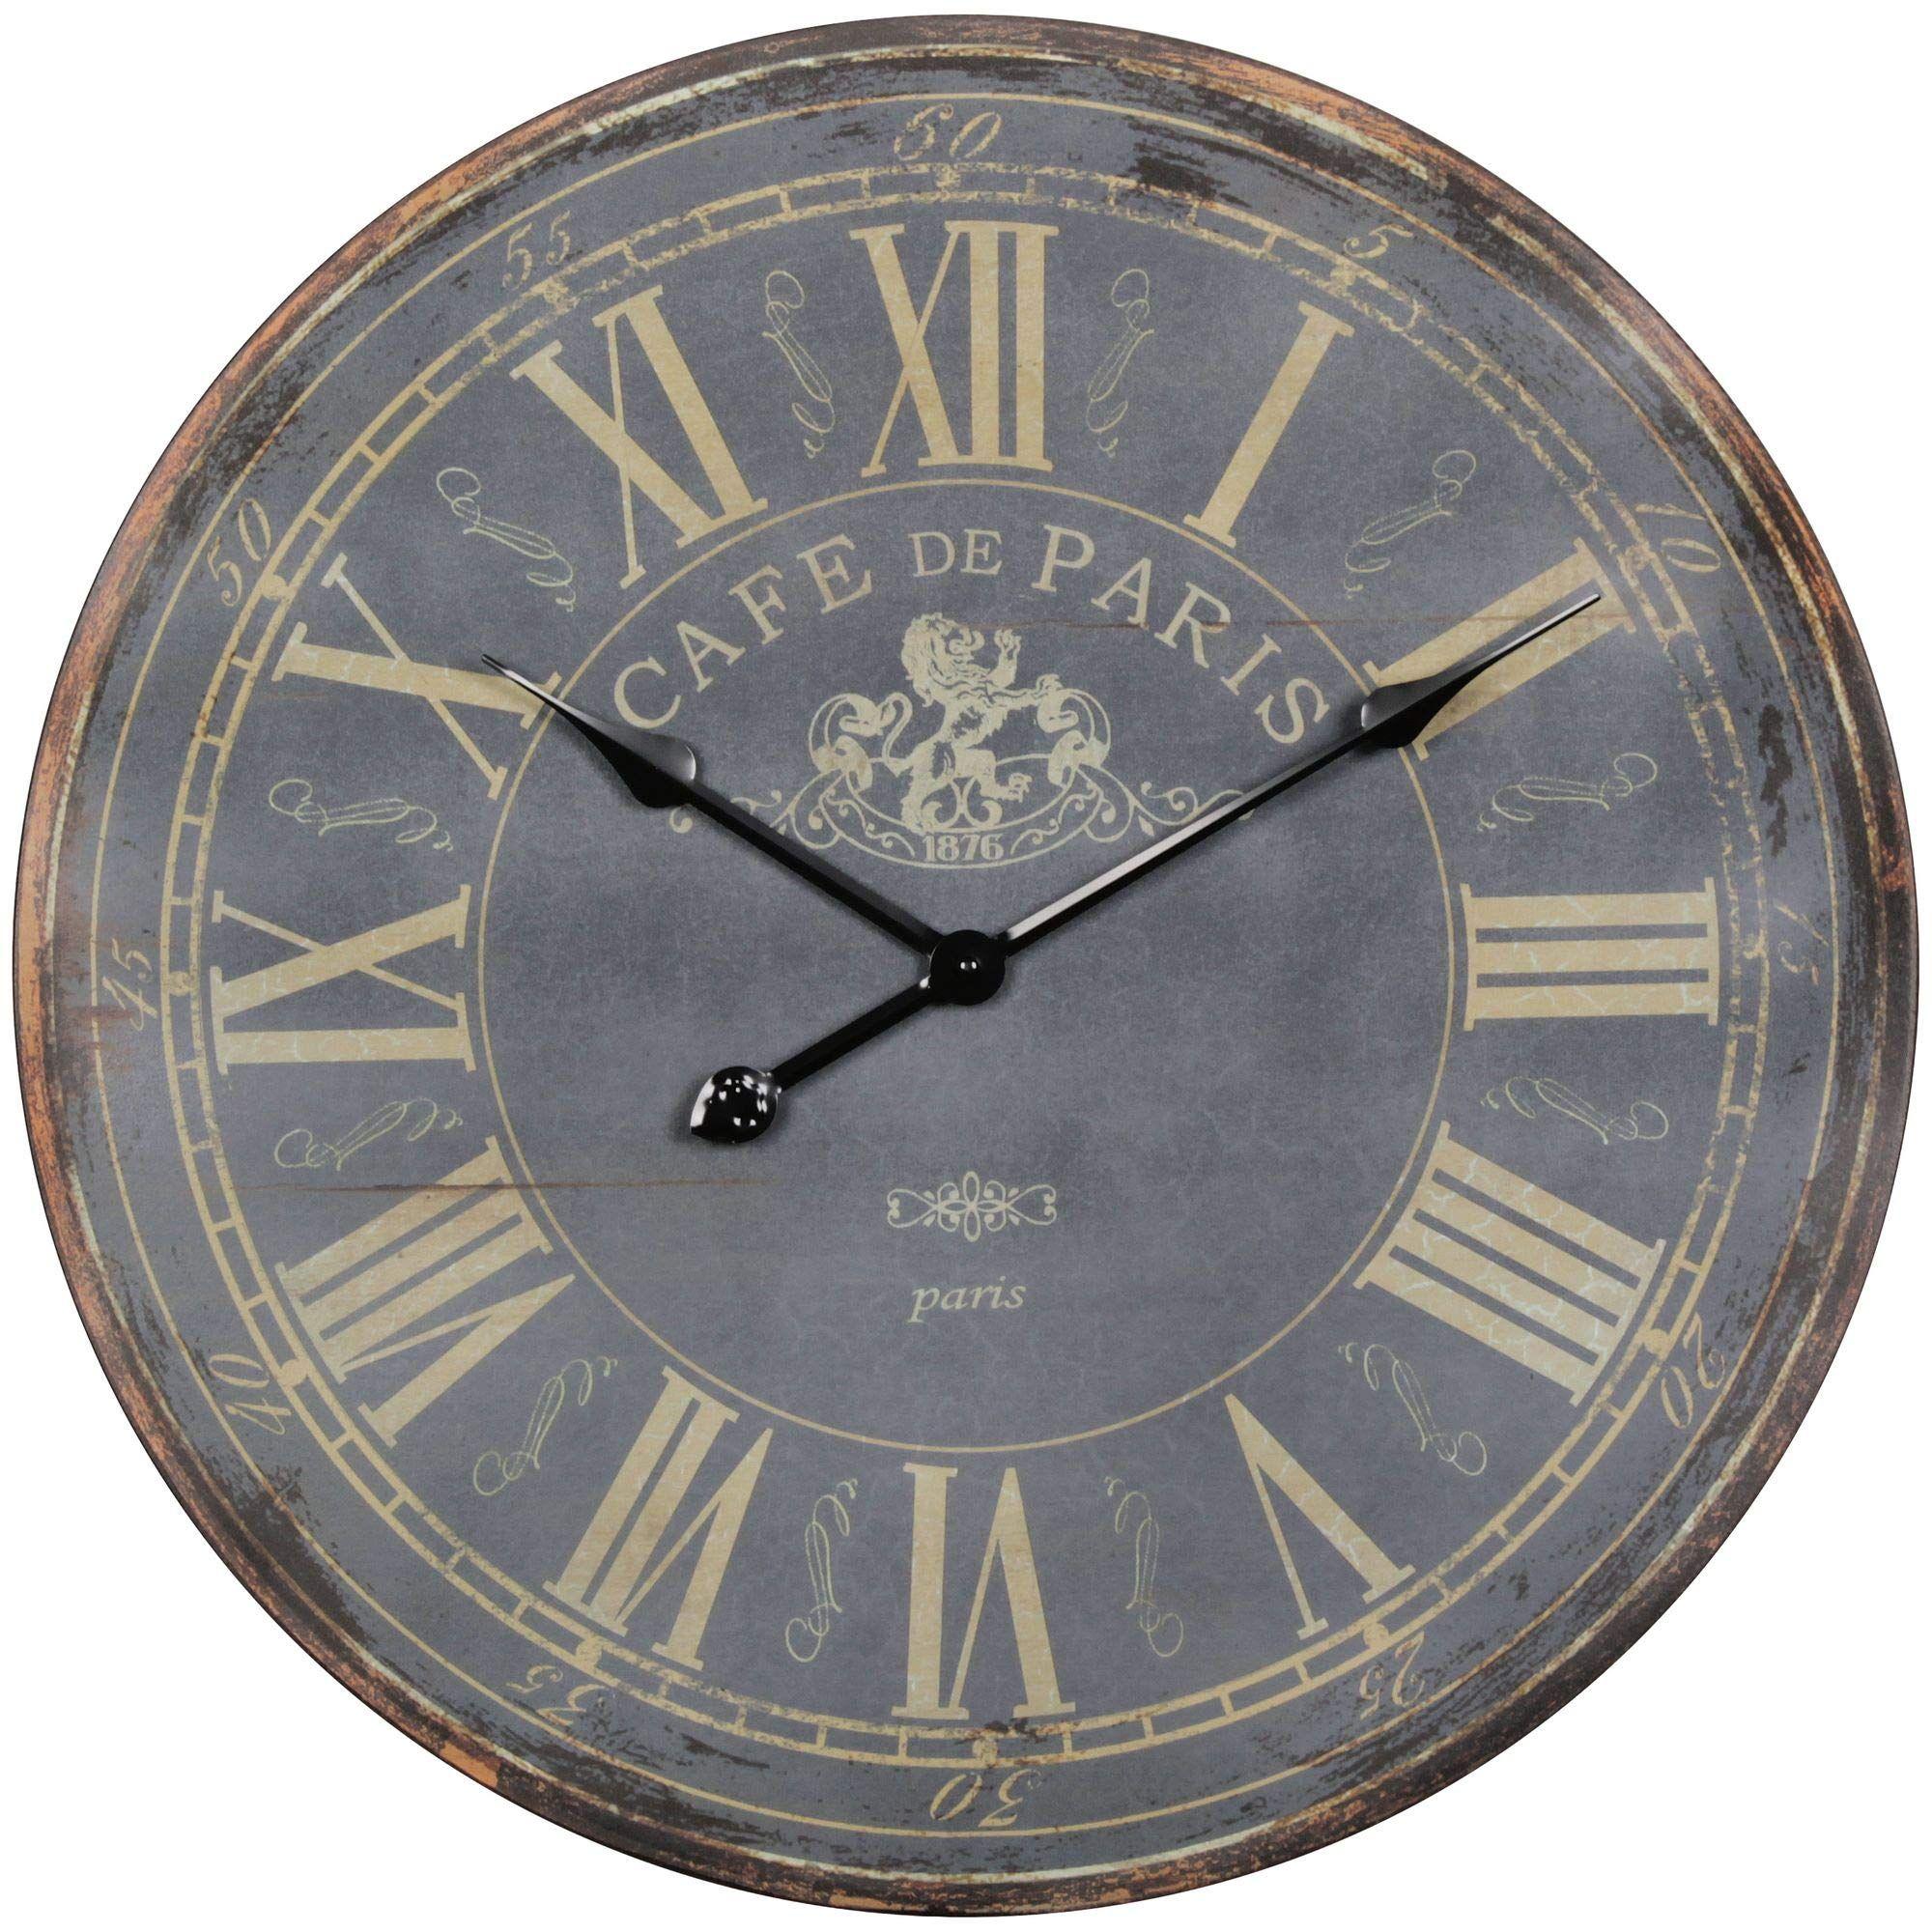 Wohnling Deko Vintage Wanduhr Xxl Ø 60 Cm Paris Holz Schwarz Römische Ziffern Große Uhr Rustikal Dekouhr Rund Designr Uhrideen Wanduhr Wanduhren Wohnzimmer